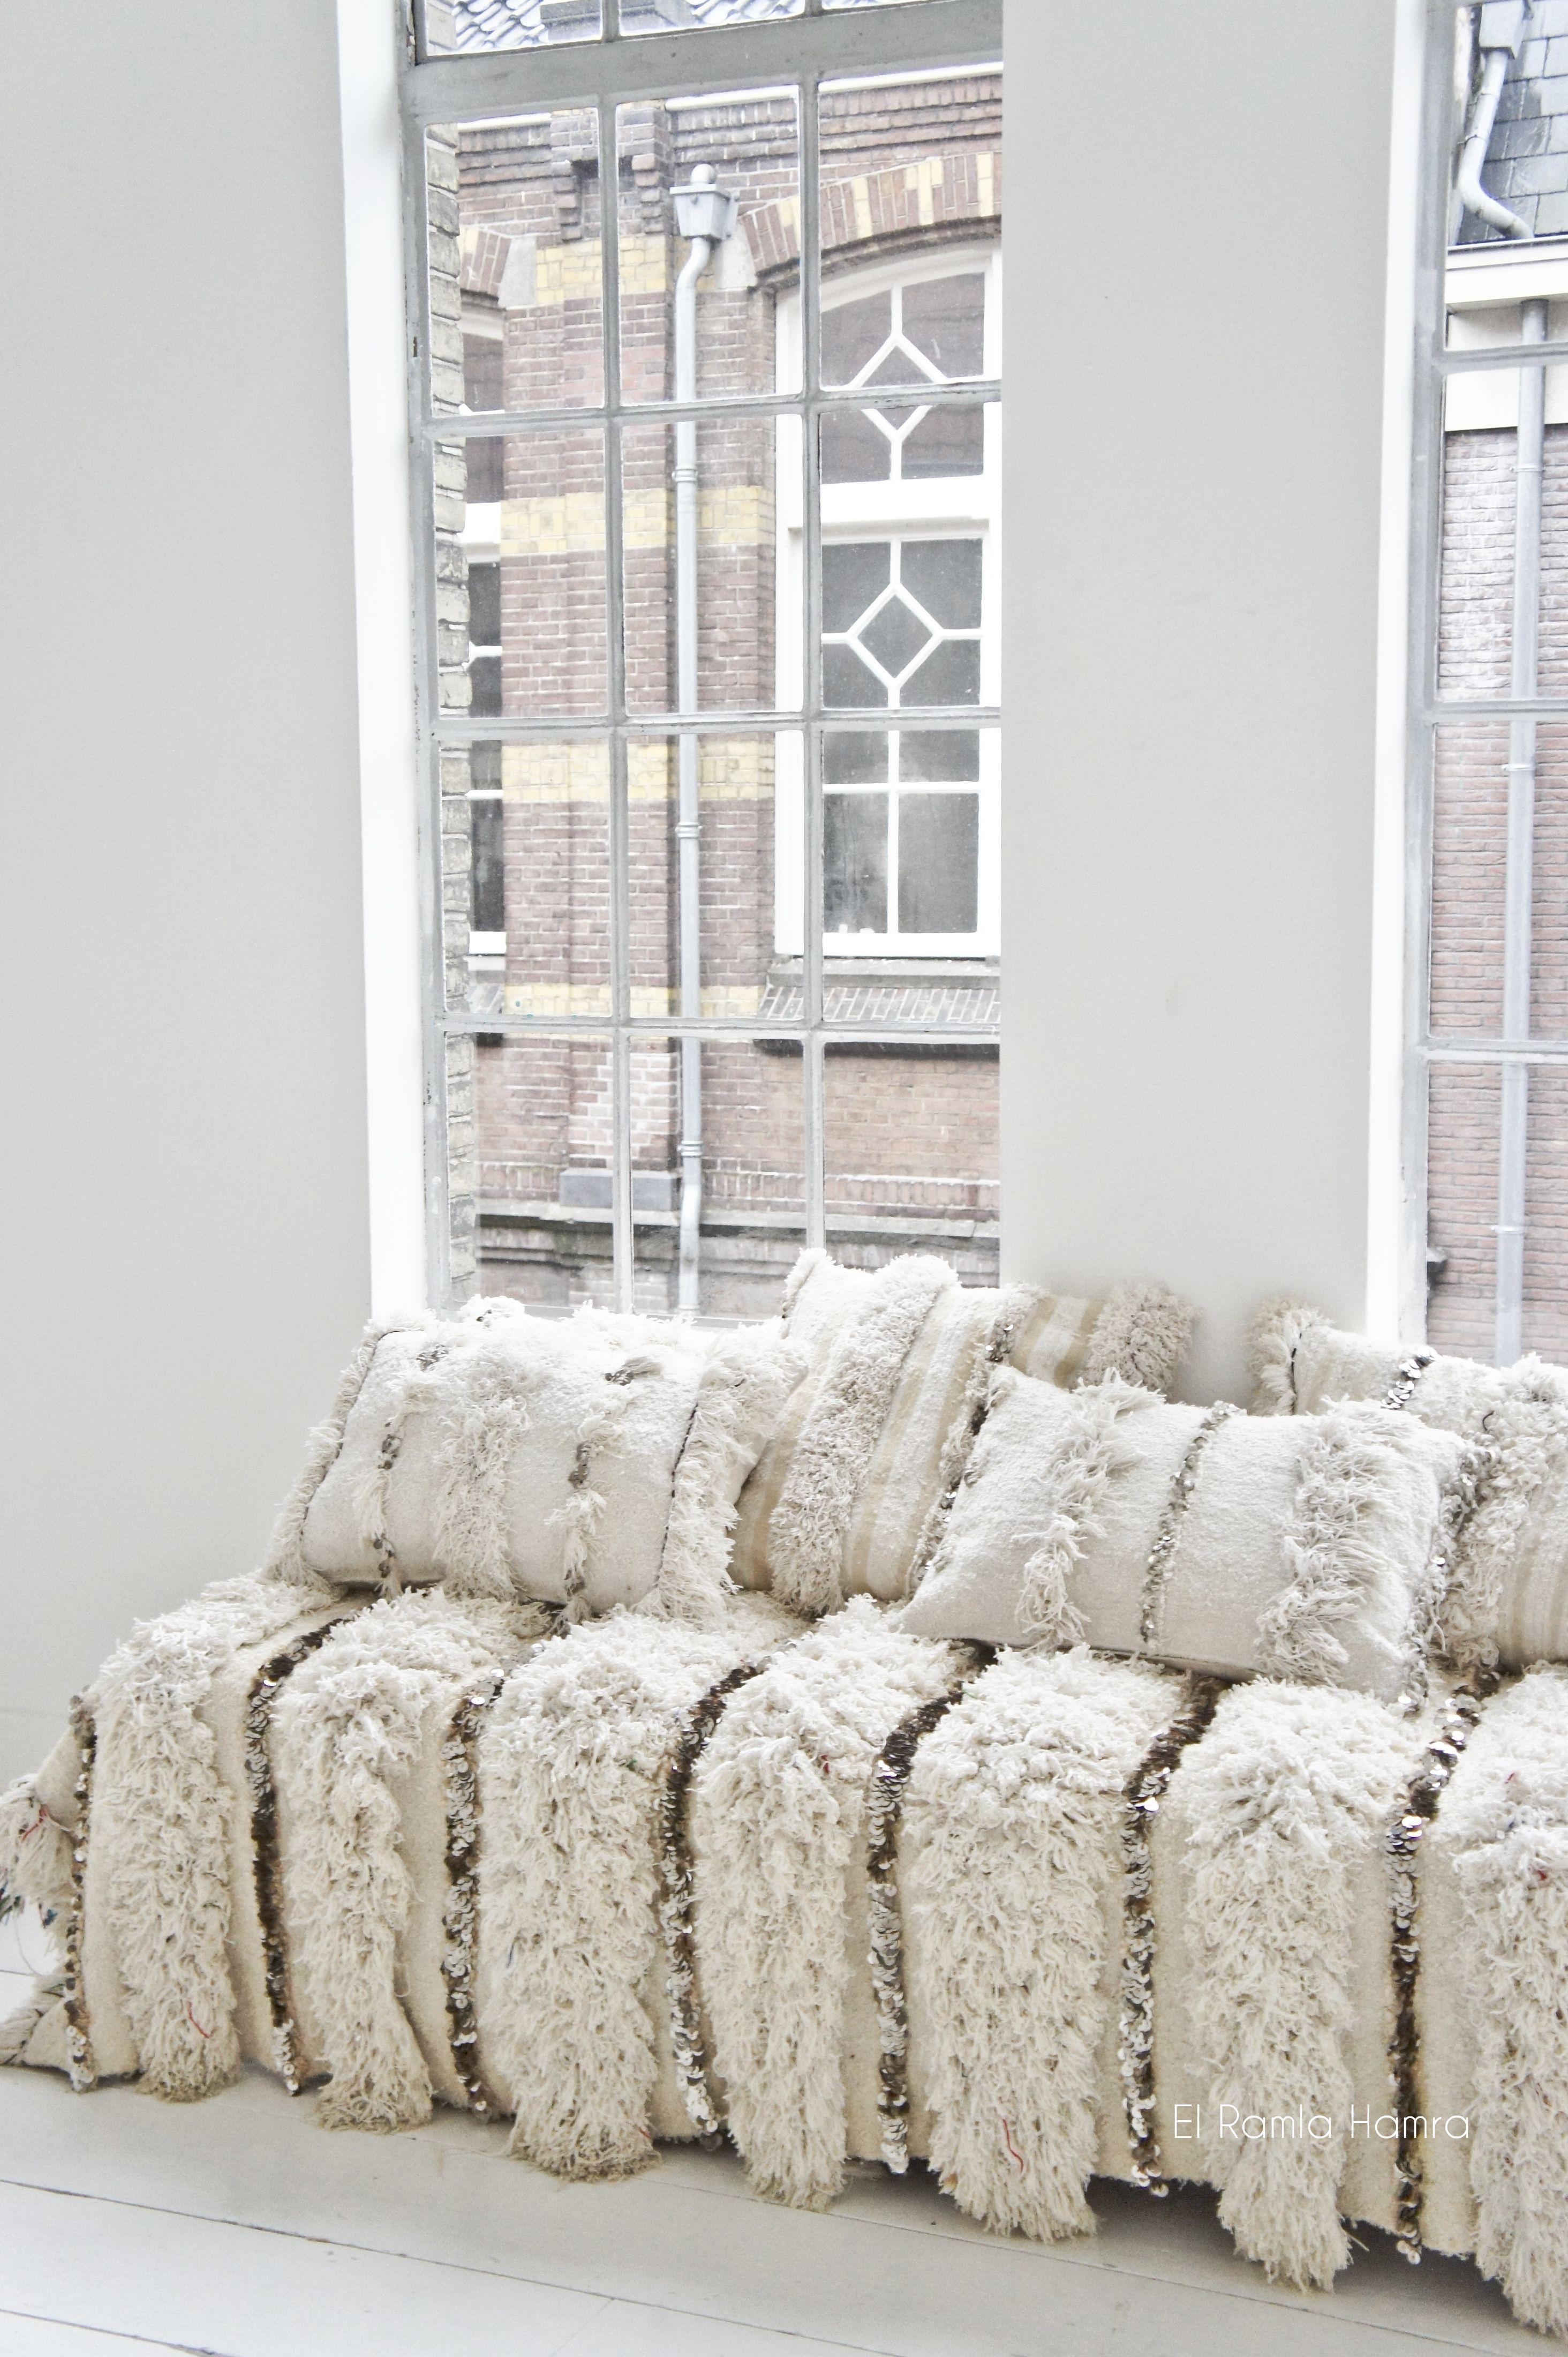 pingl par lisa germaneau sur h o m e bali inspi. Black Bedroom Furniture Sets. Home Design Ideas